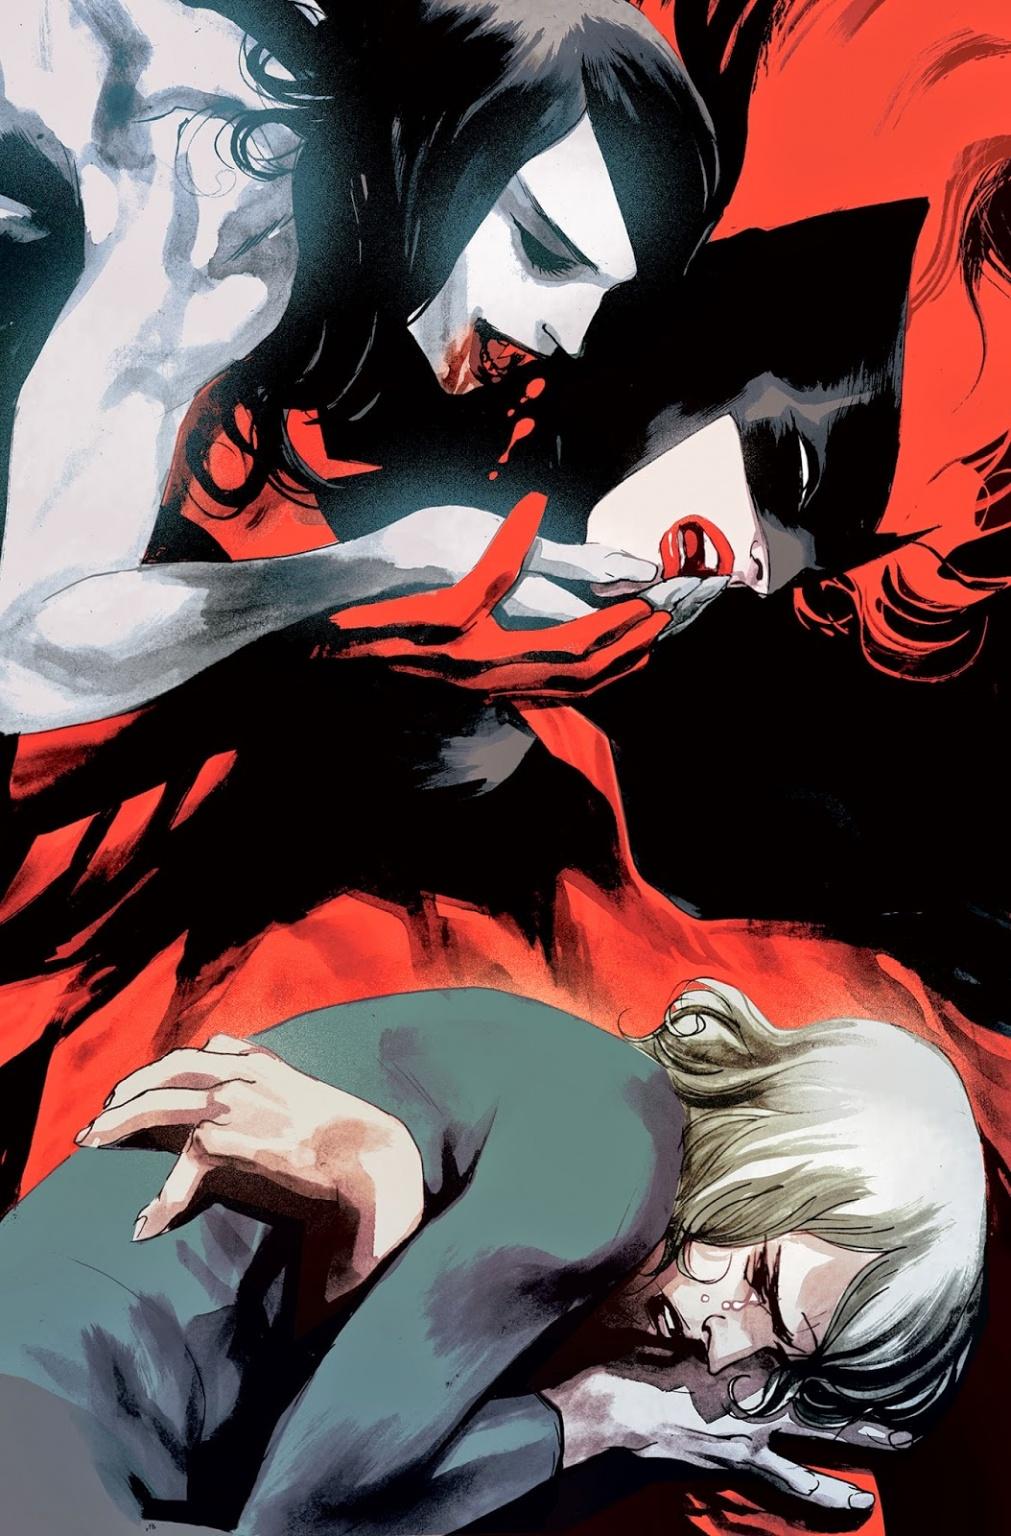 <eM>Batwoman</em> #34